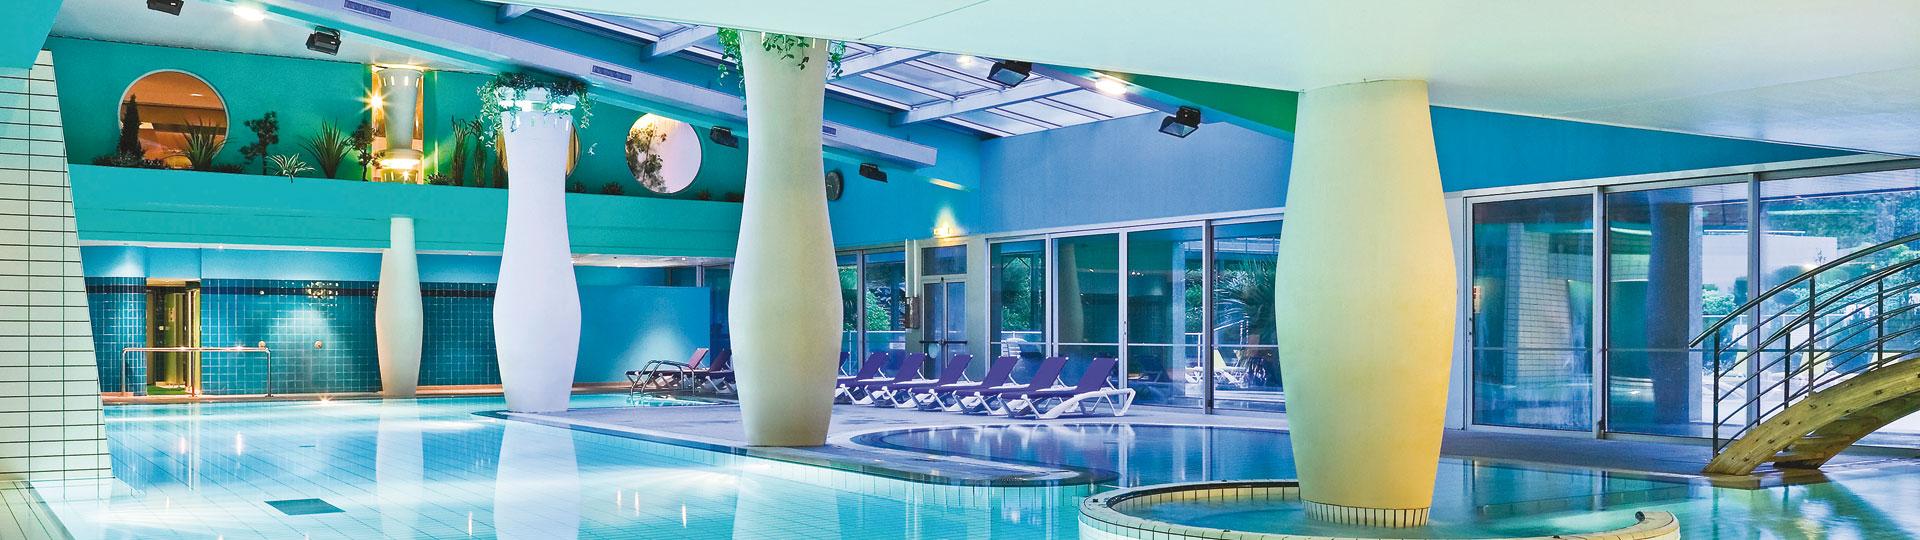 Hôtel*** Les Jardins de l'Atlantique - Votre Club aux Sables d'Olonne